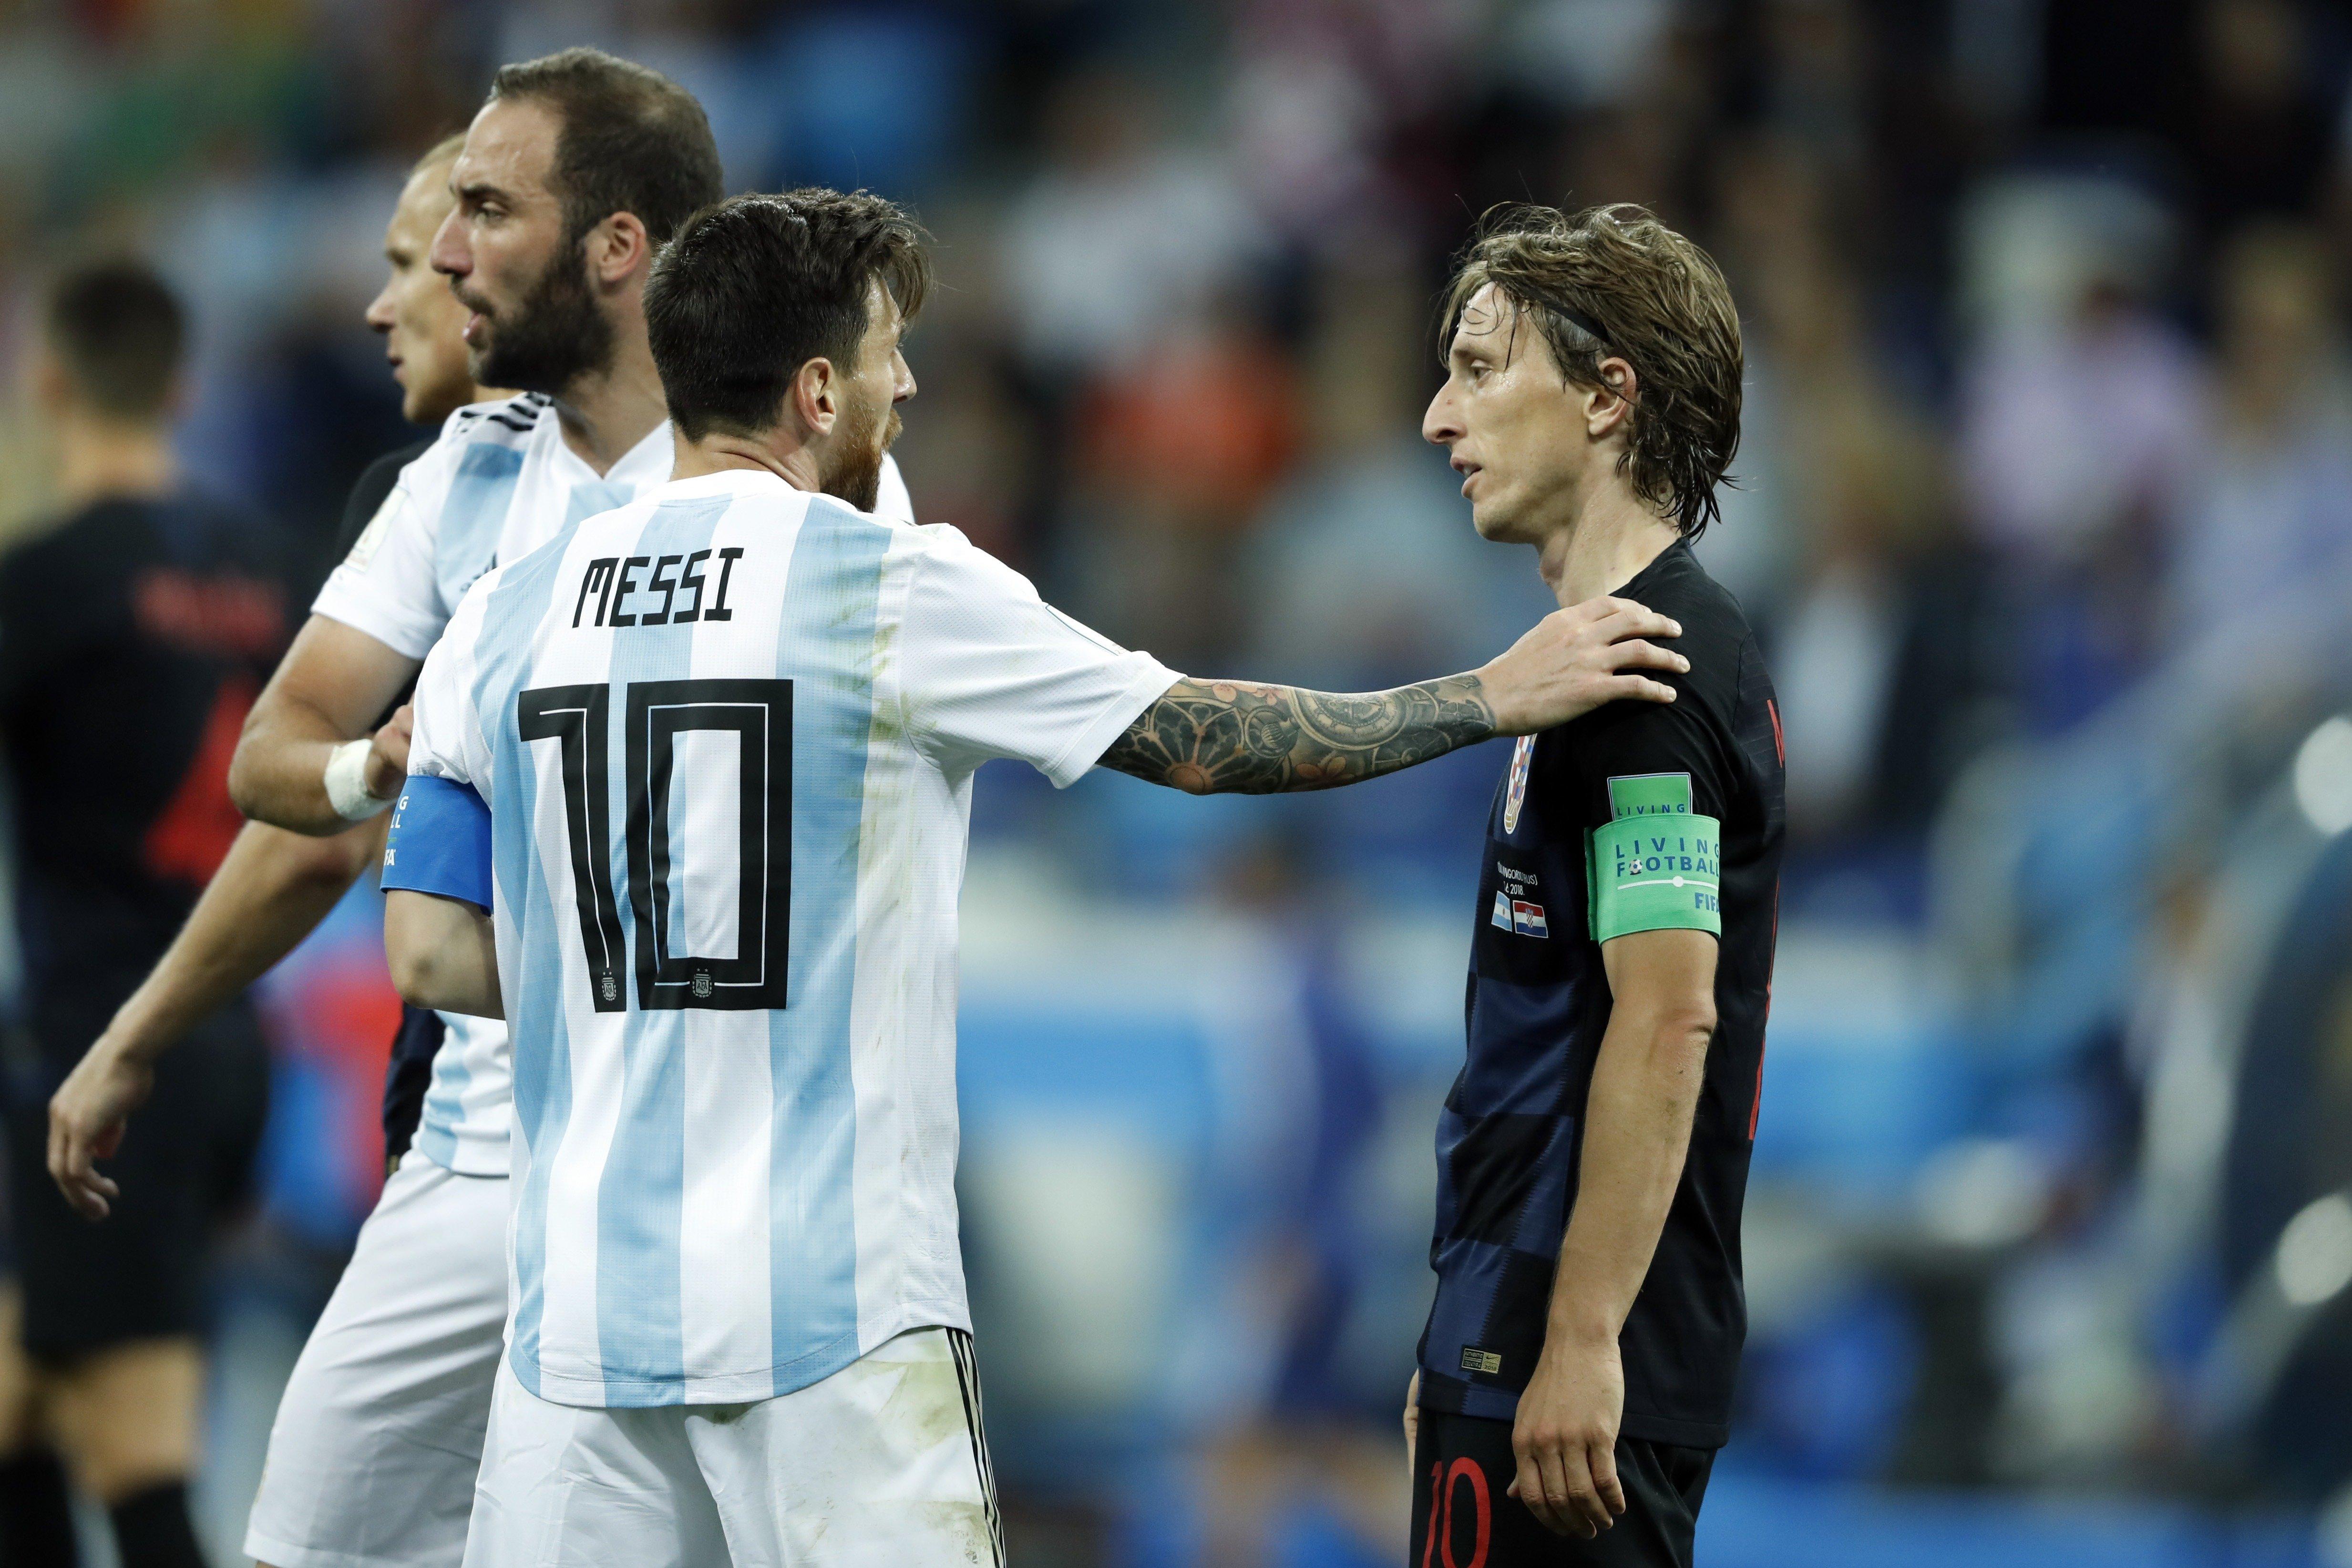 아르헨티나-크로아티아 'MOM' 모드리치가 메시를 칭찬하며 한